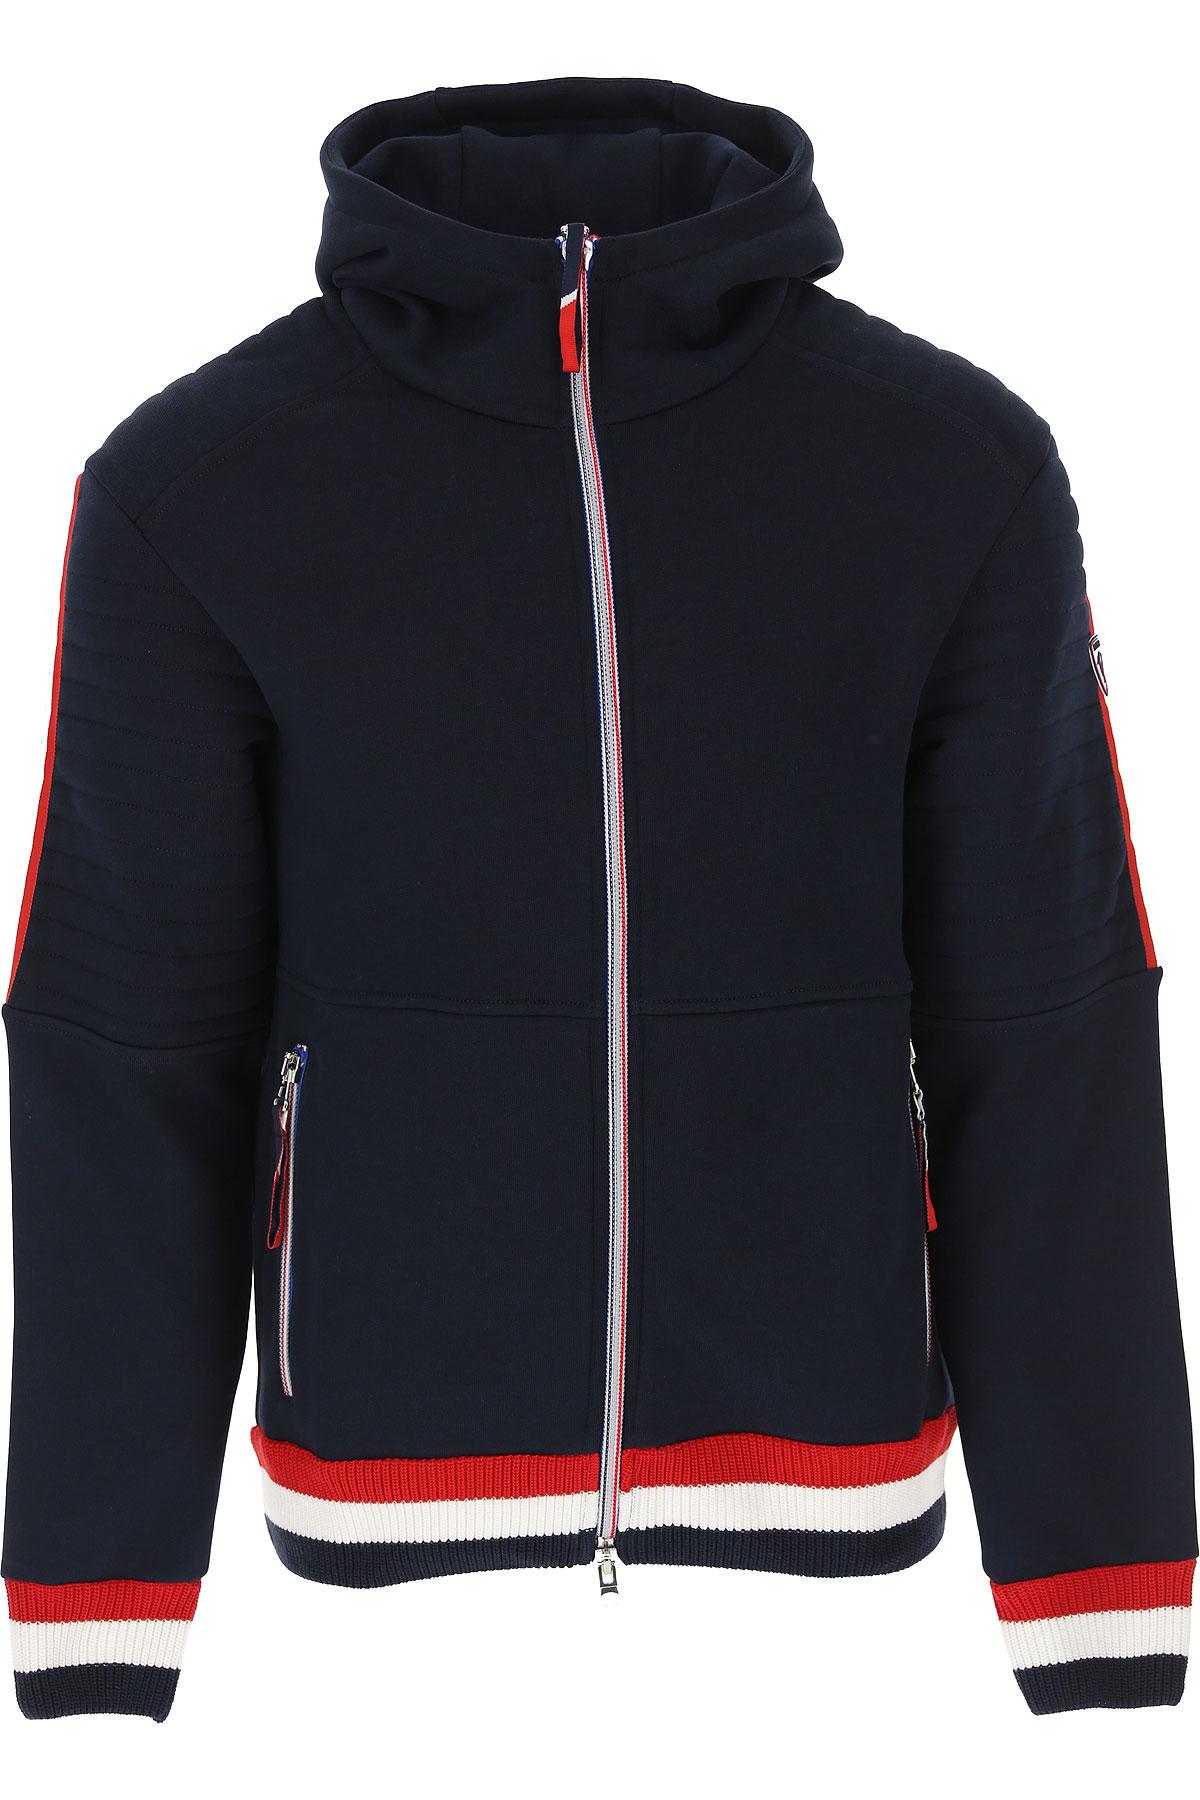 Rossignol Sweatshirt for Men On Sale, Navy Blue, Cotton, 2019, S XL